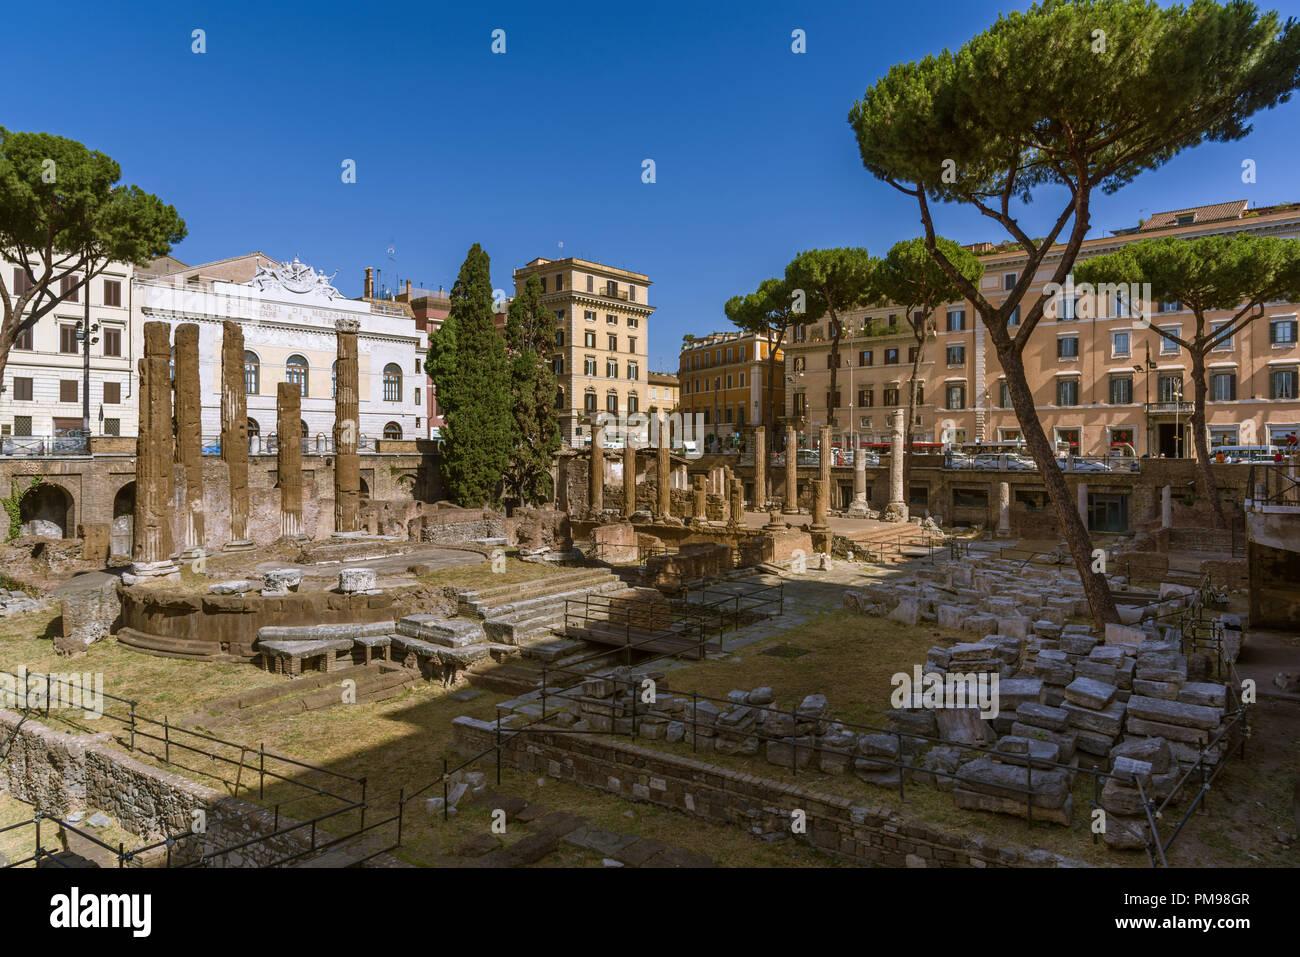 Largo di Torre Argentina, Roma, Italia Immagini Stock